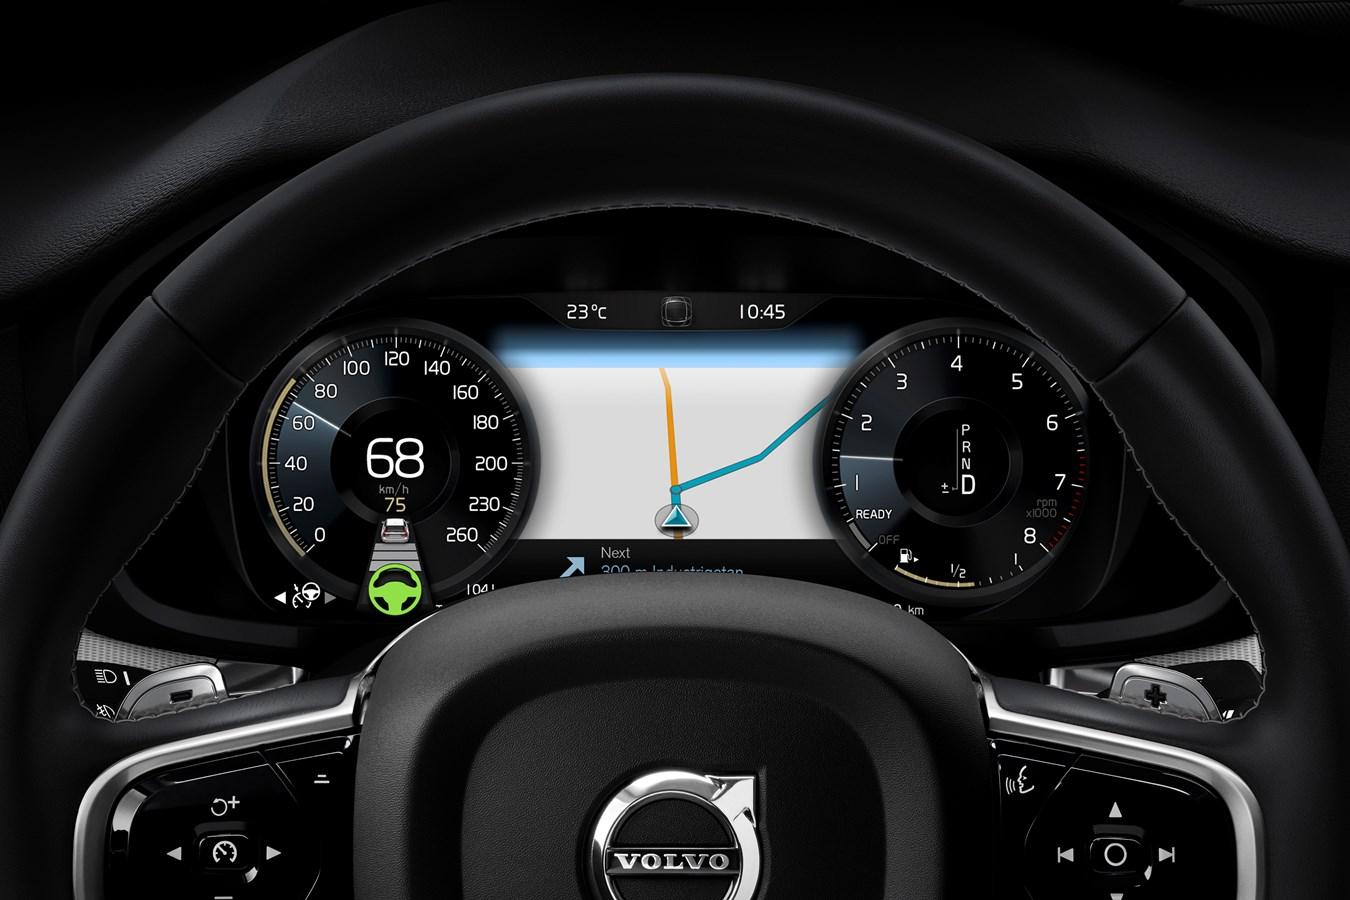 New Volvo S60 R-Design interior